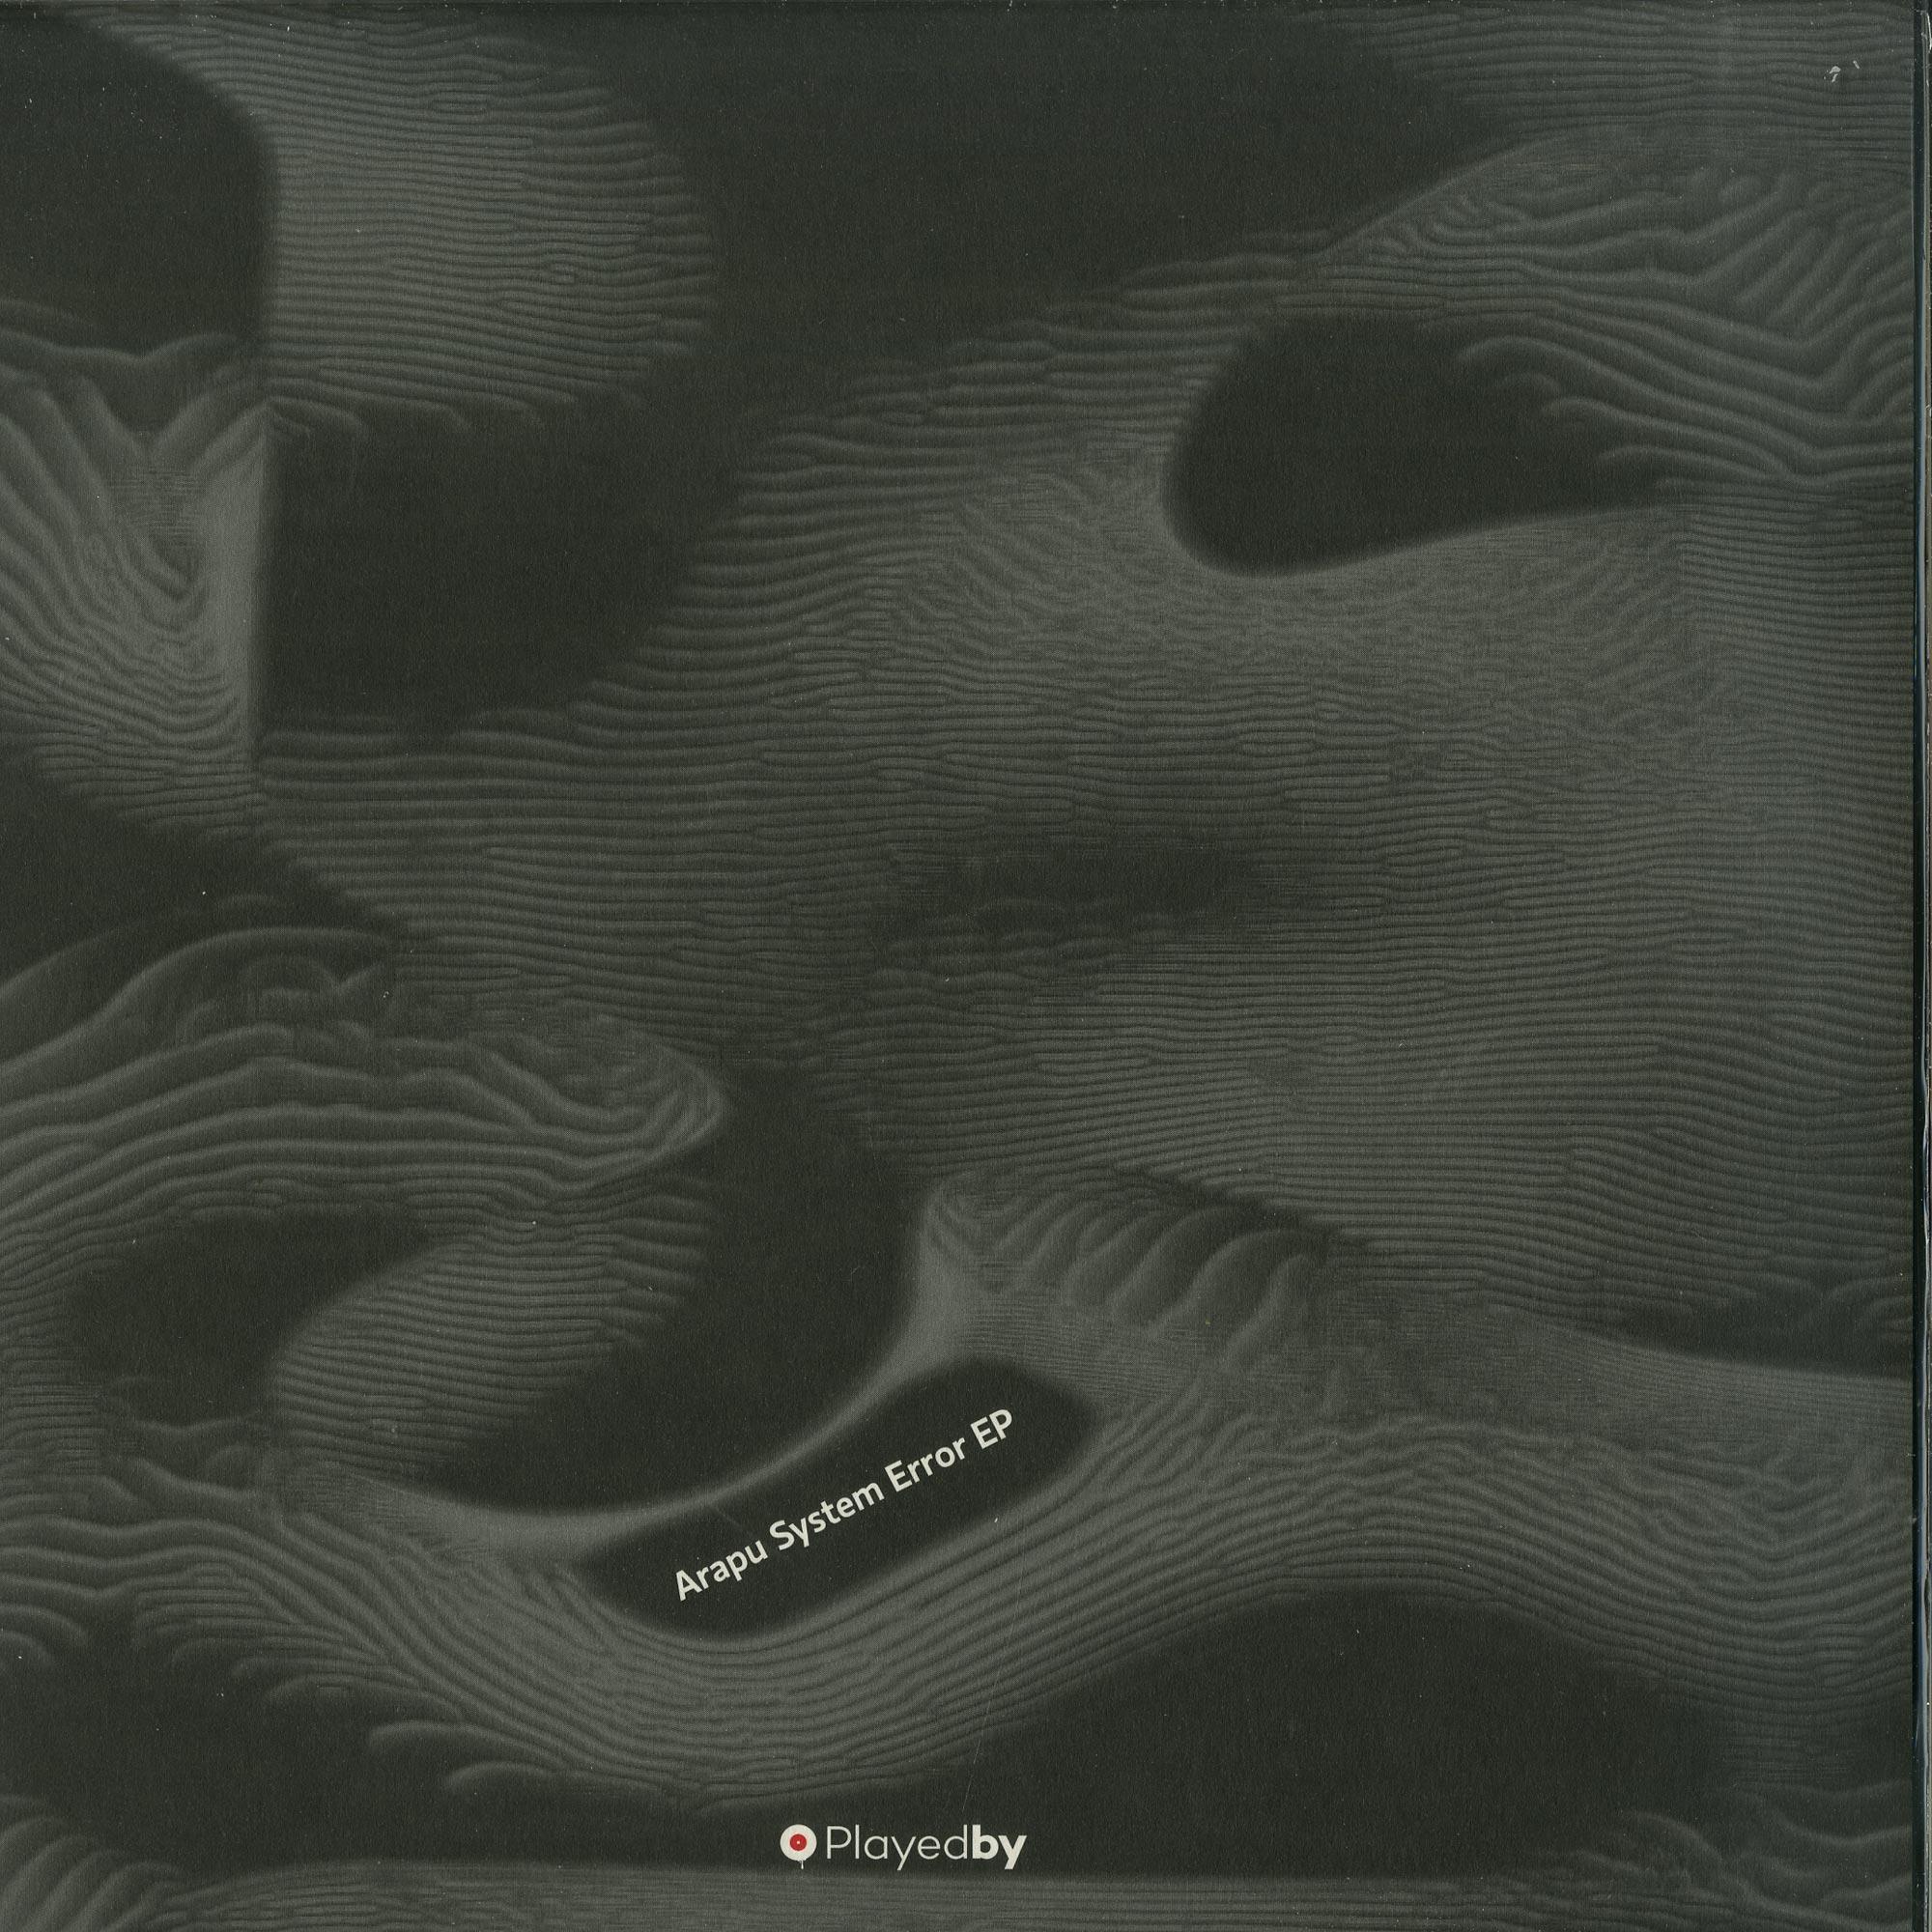 Arapu - SYSTEM ERROR EP